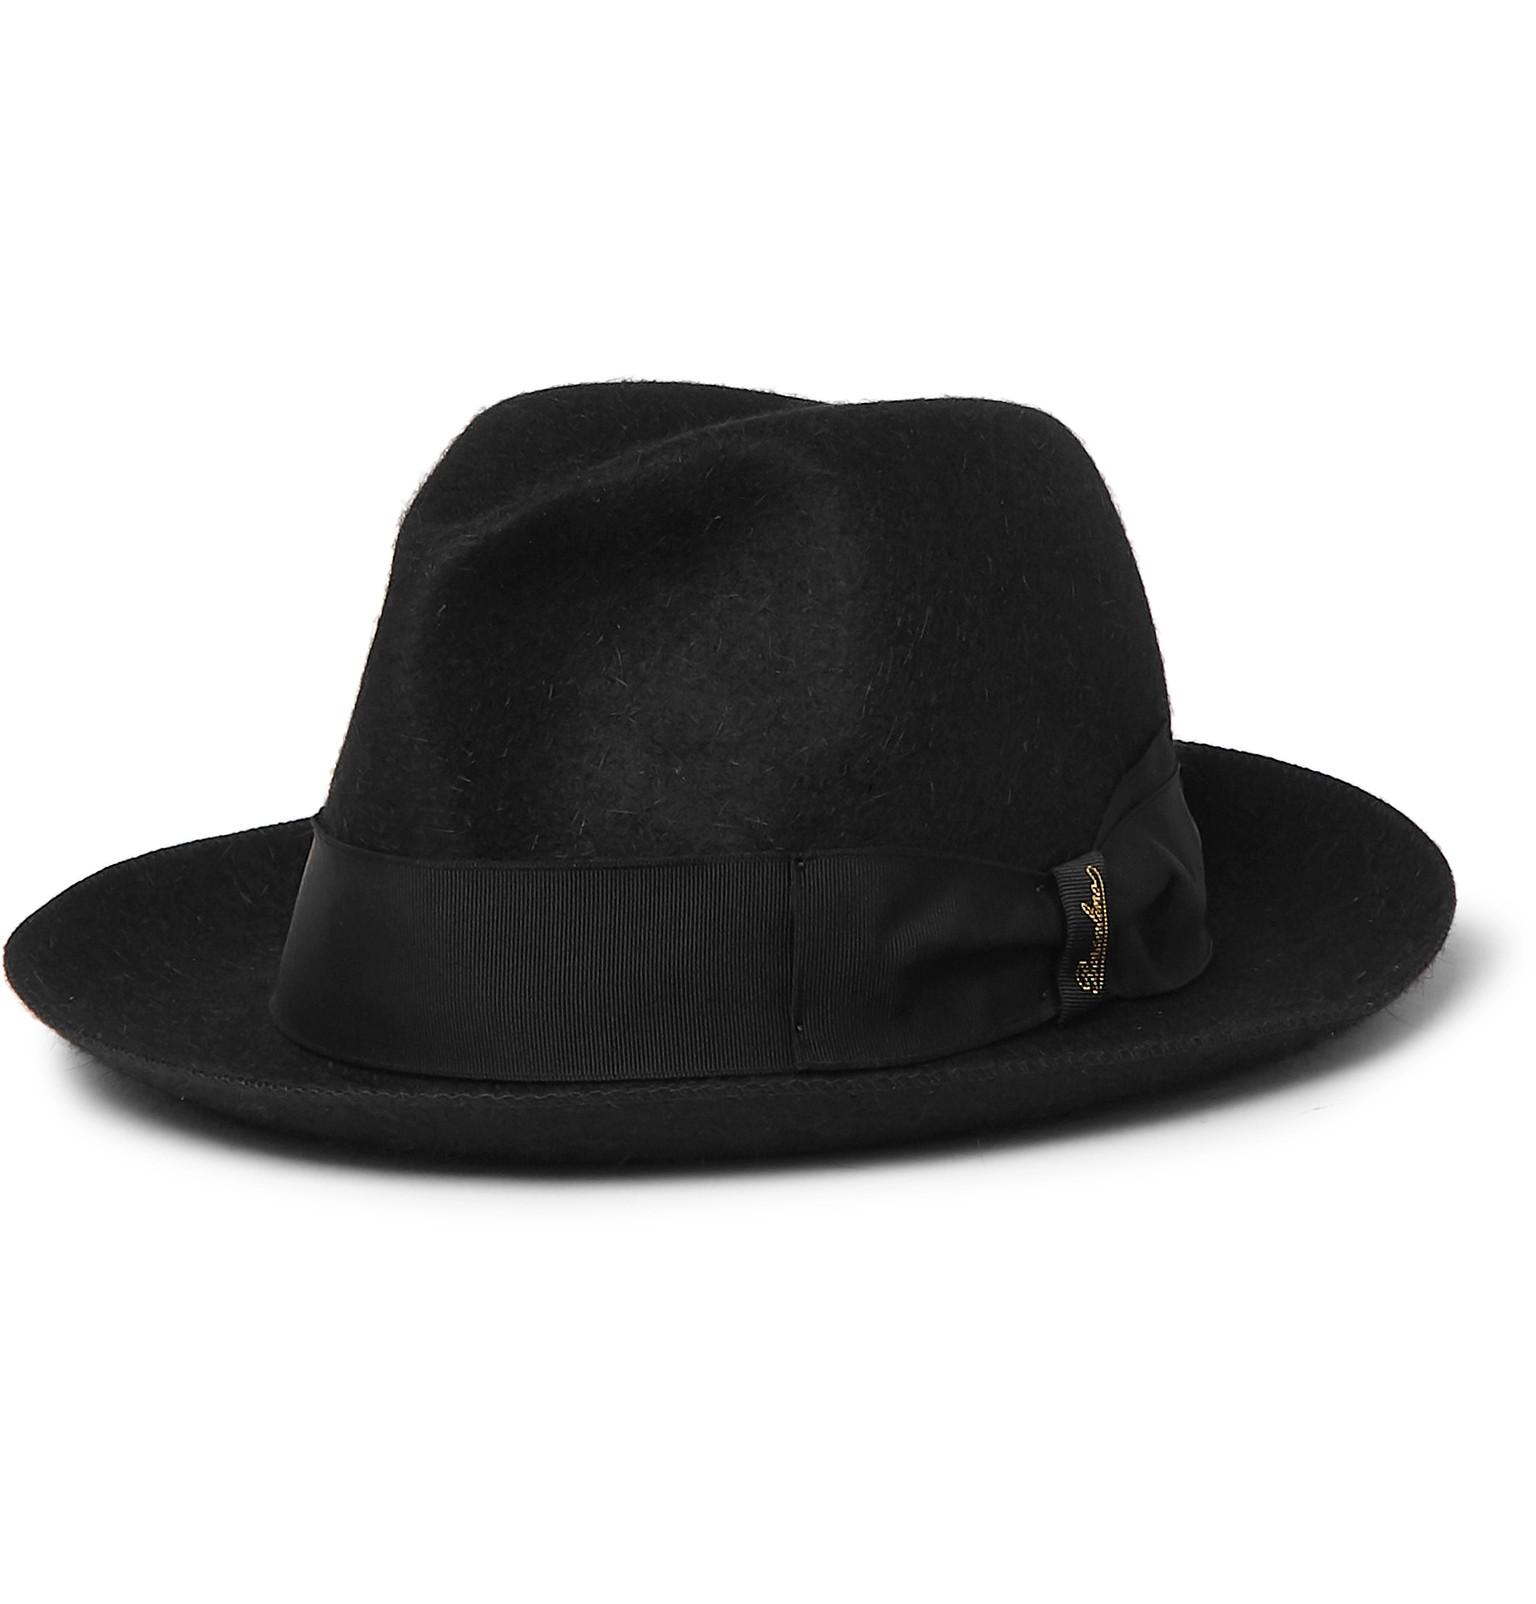 9030c58f6fe Borsalino - Traveller Rabbit-Felt Hat